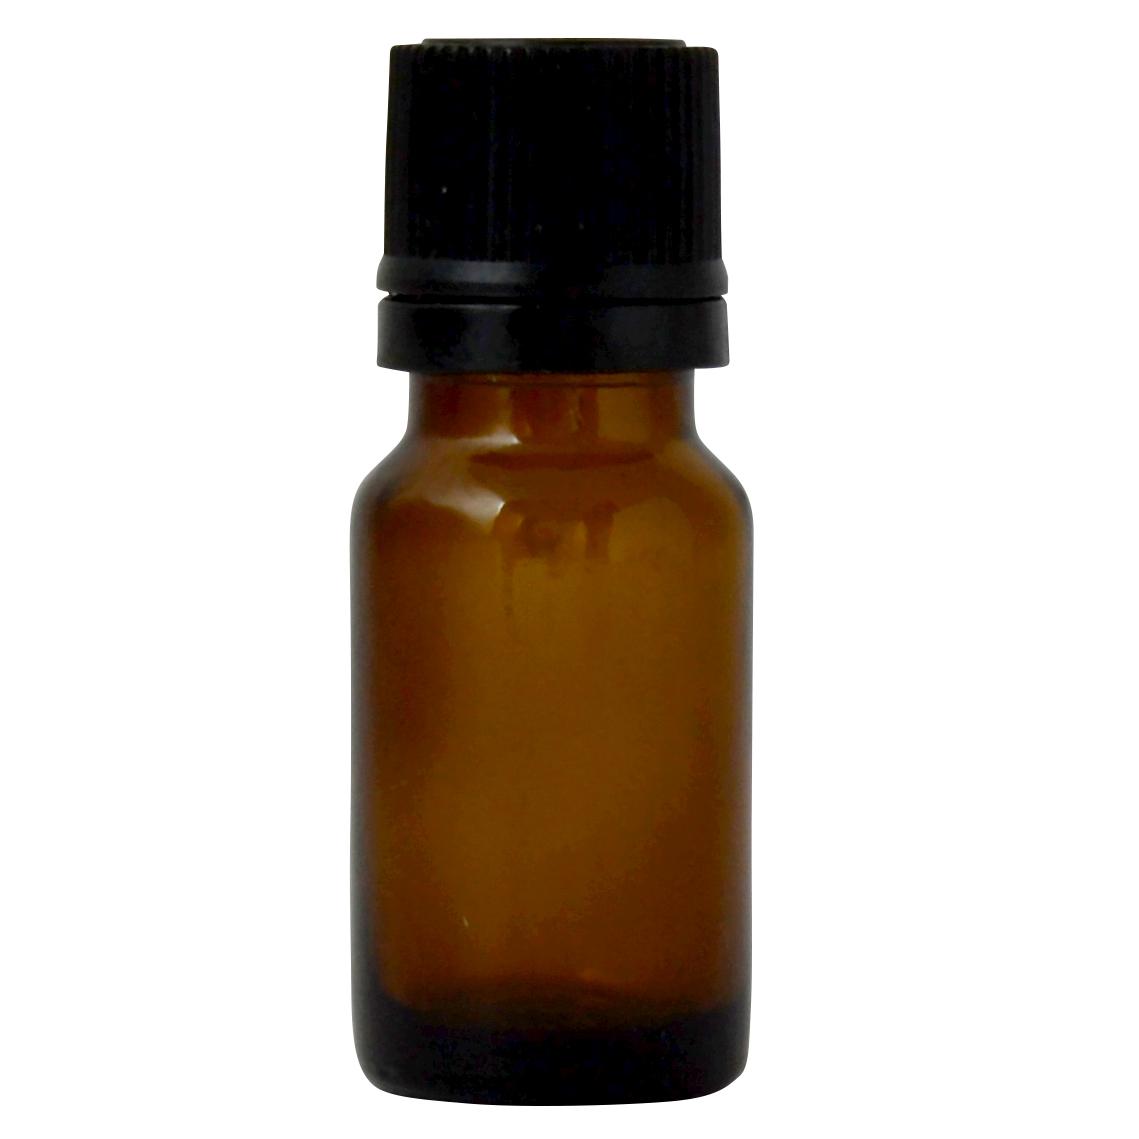 アイテム勢ぞろい 本体 市販 ドロッパーキャップ DSドロッパーボトル茶 ガラス 10ml メール便対象 黒